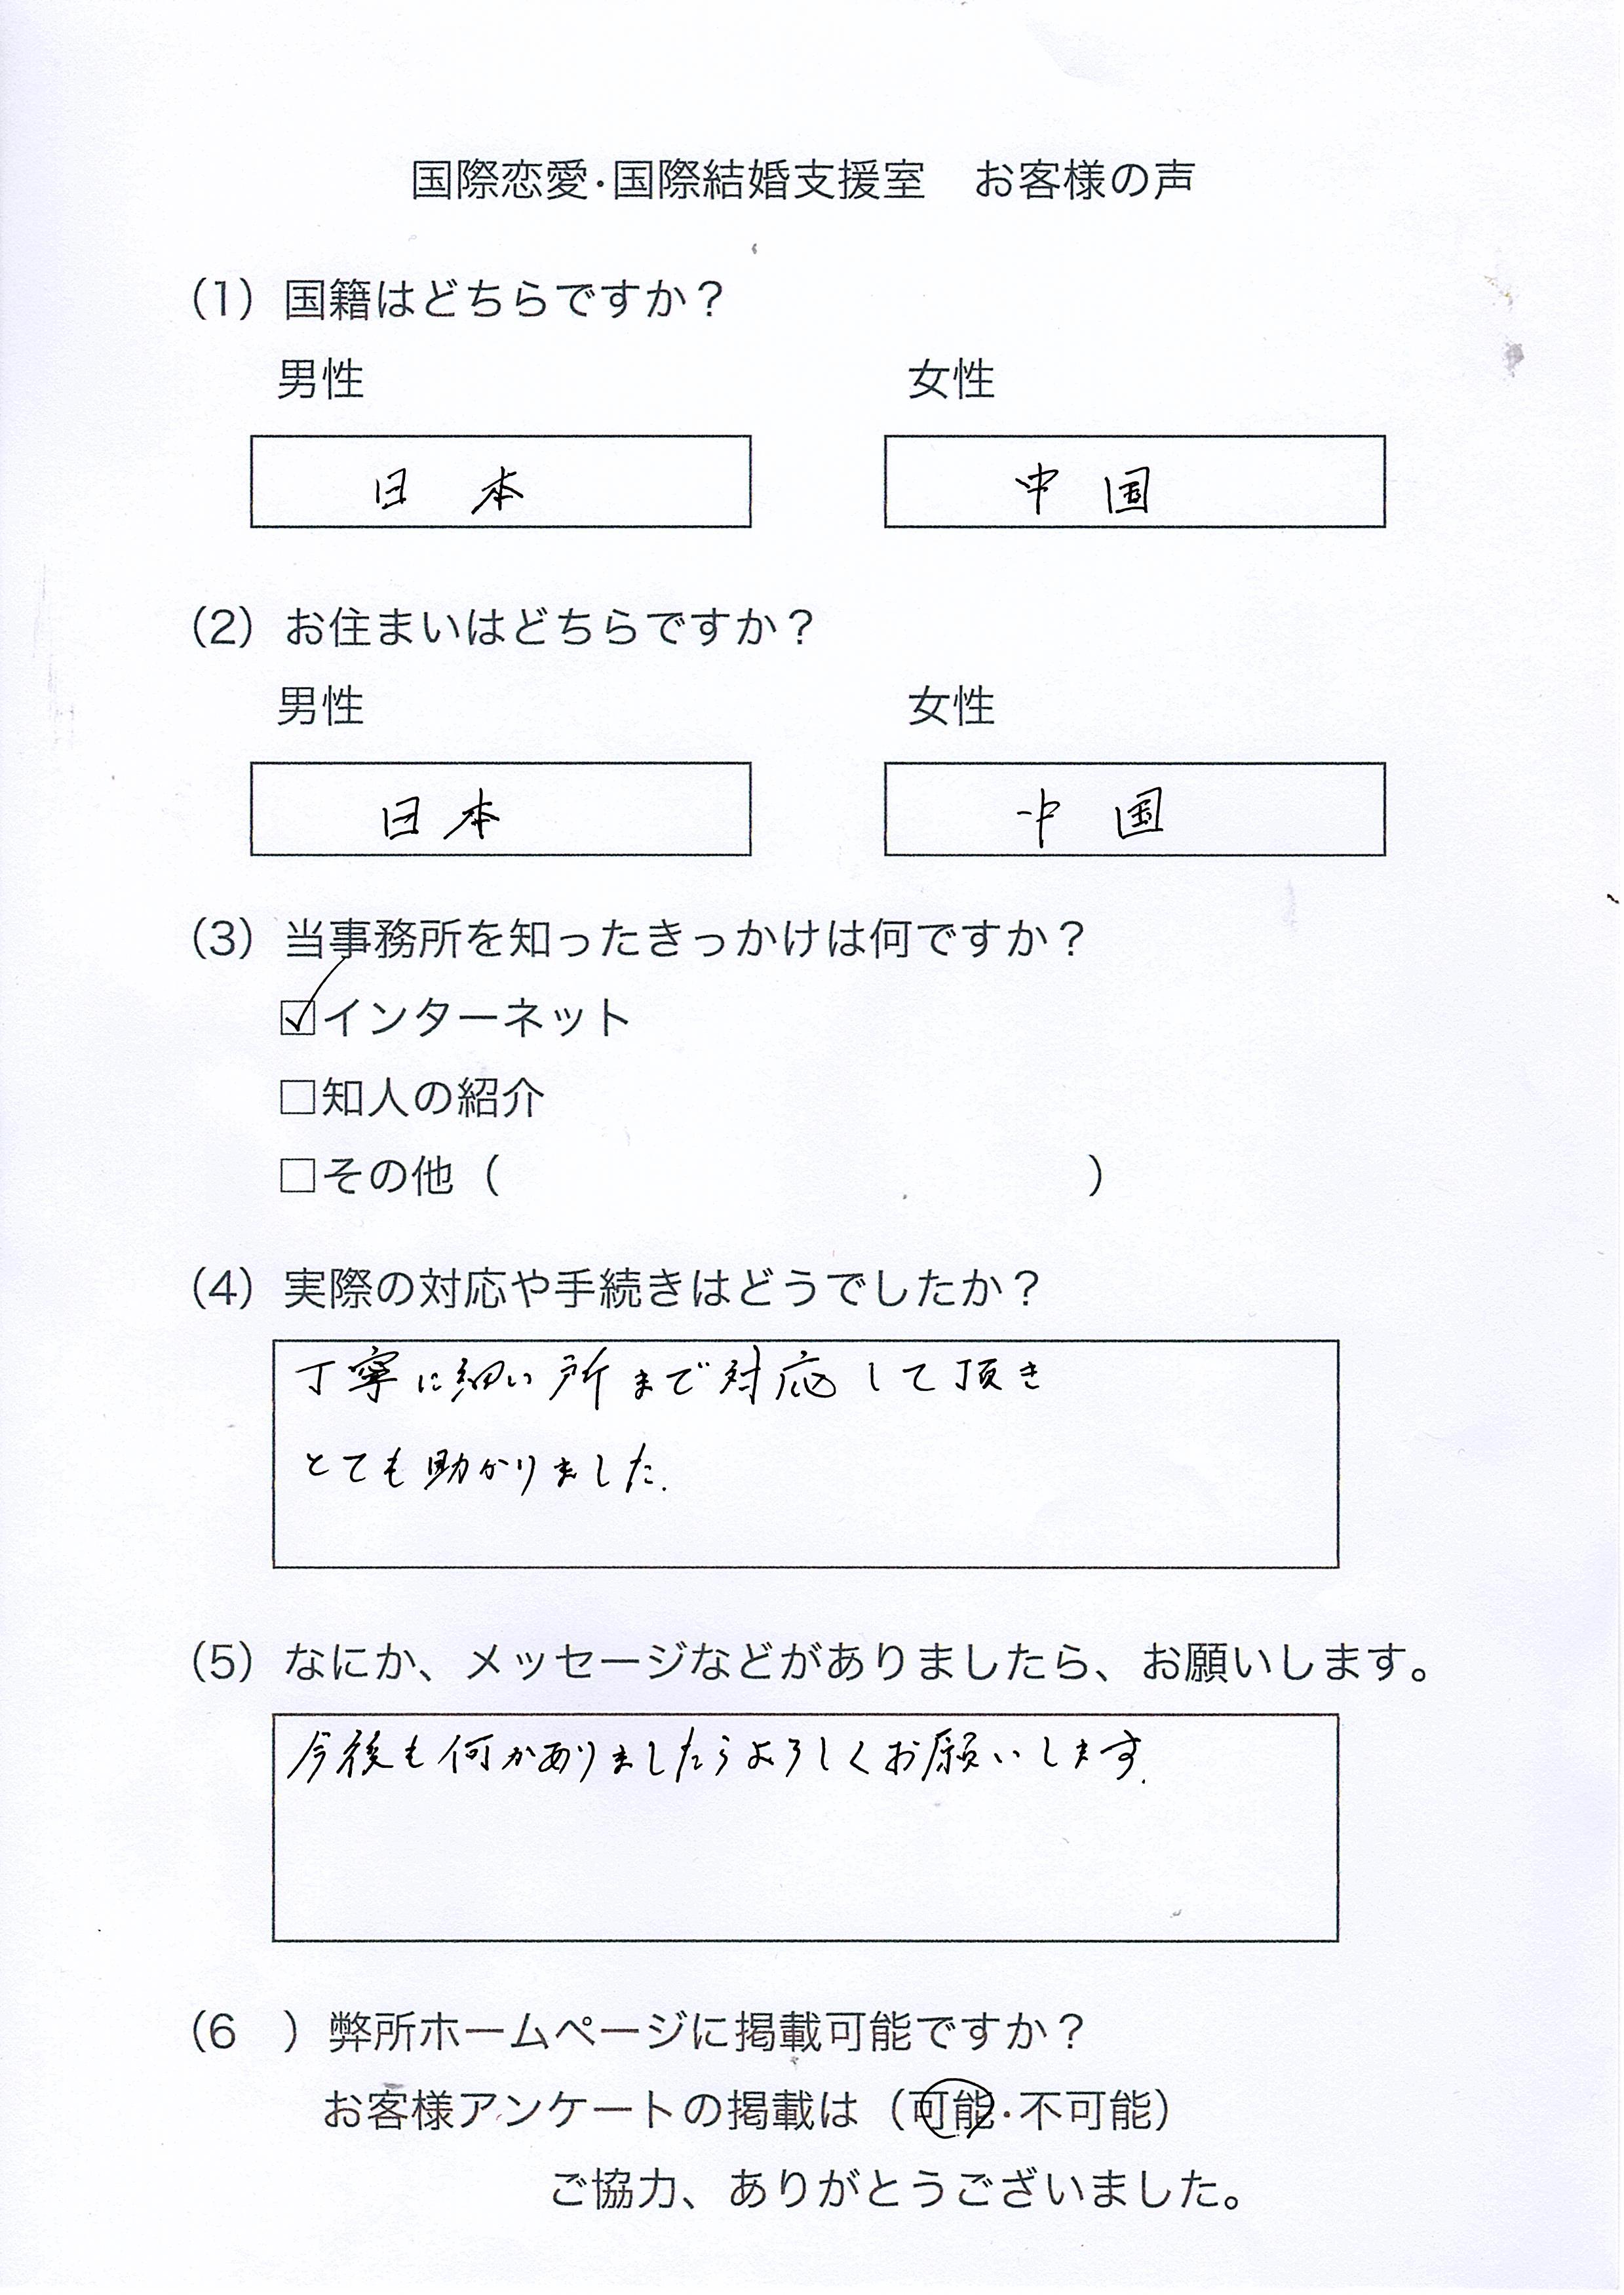 短期滞在⇒日本人の配偶者等 在留資格変更許可申請